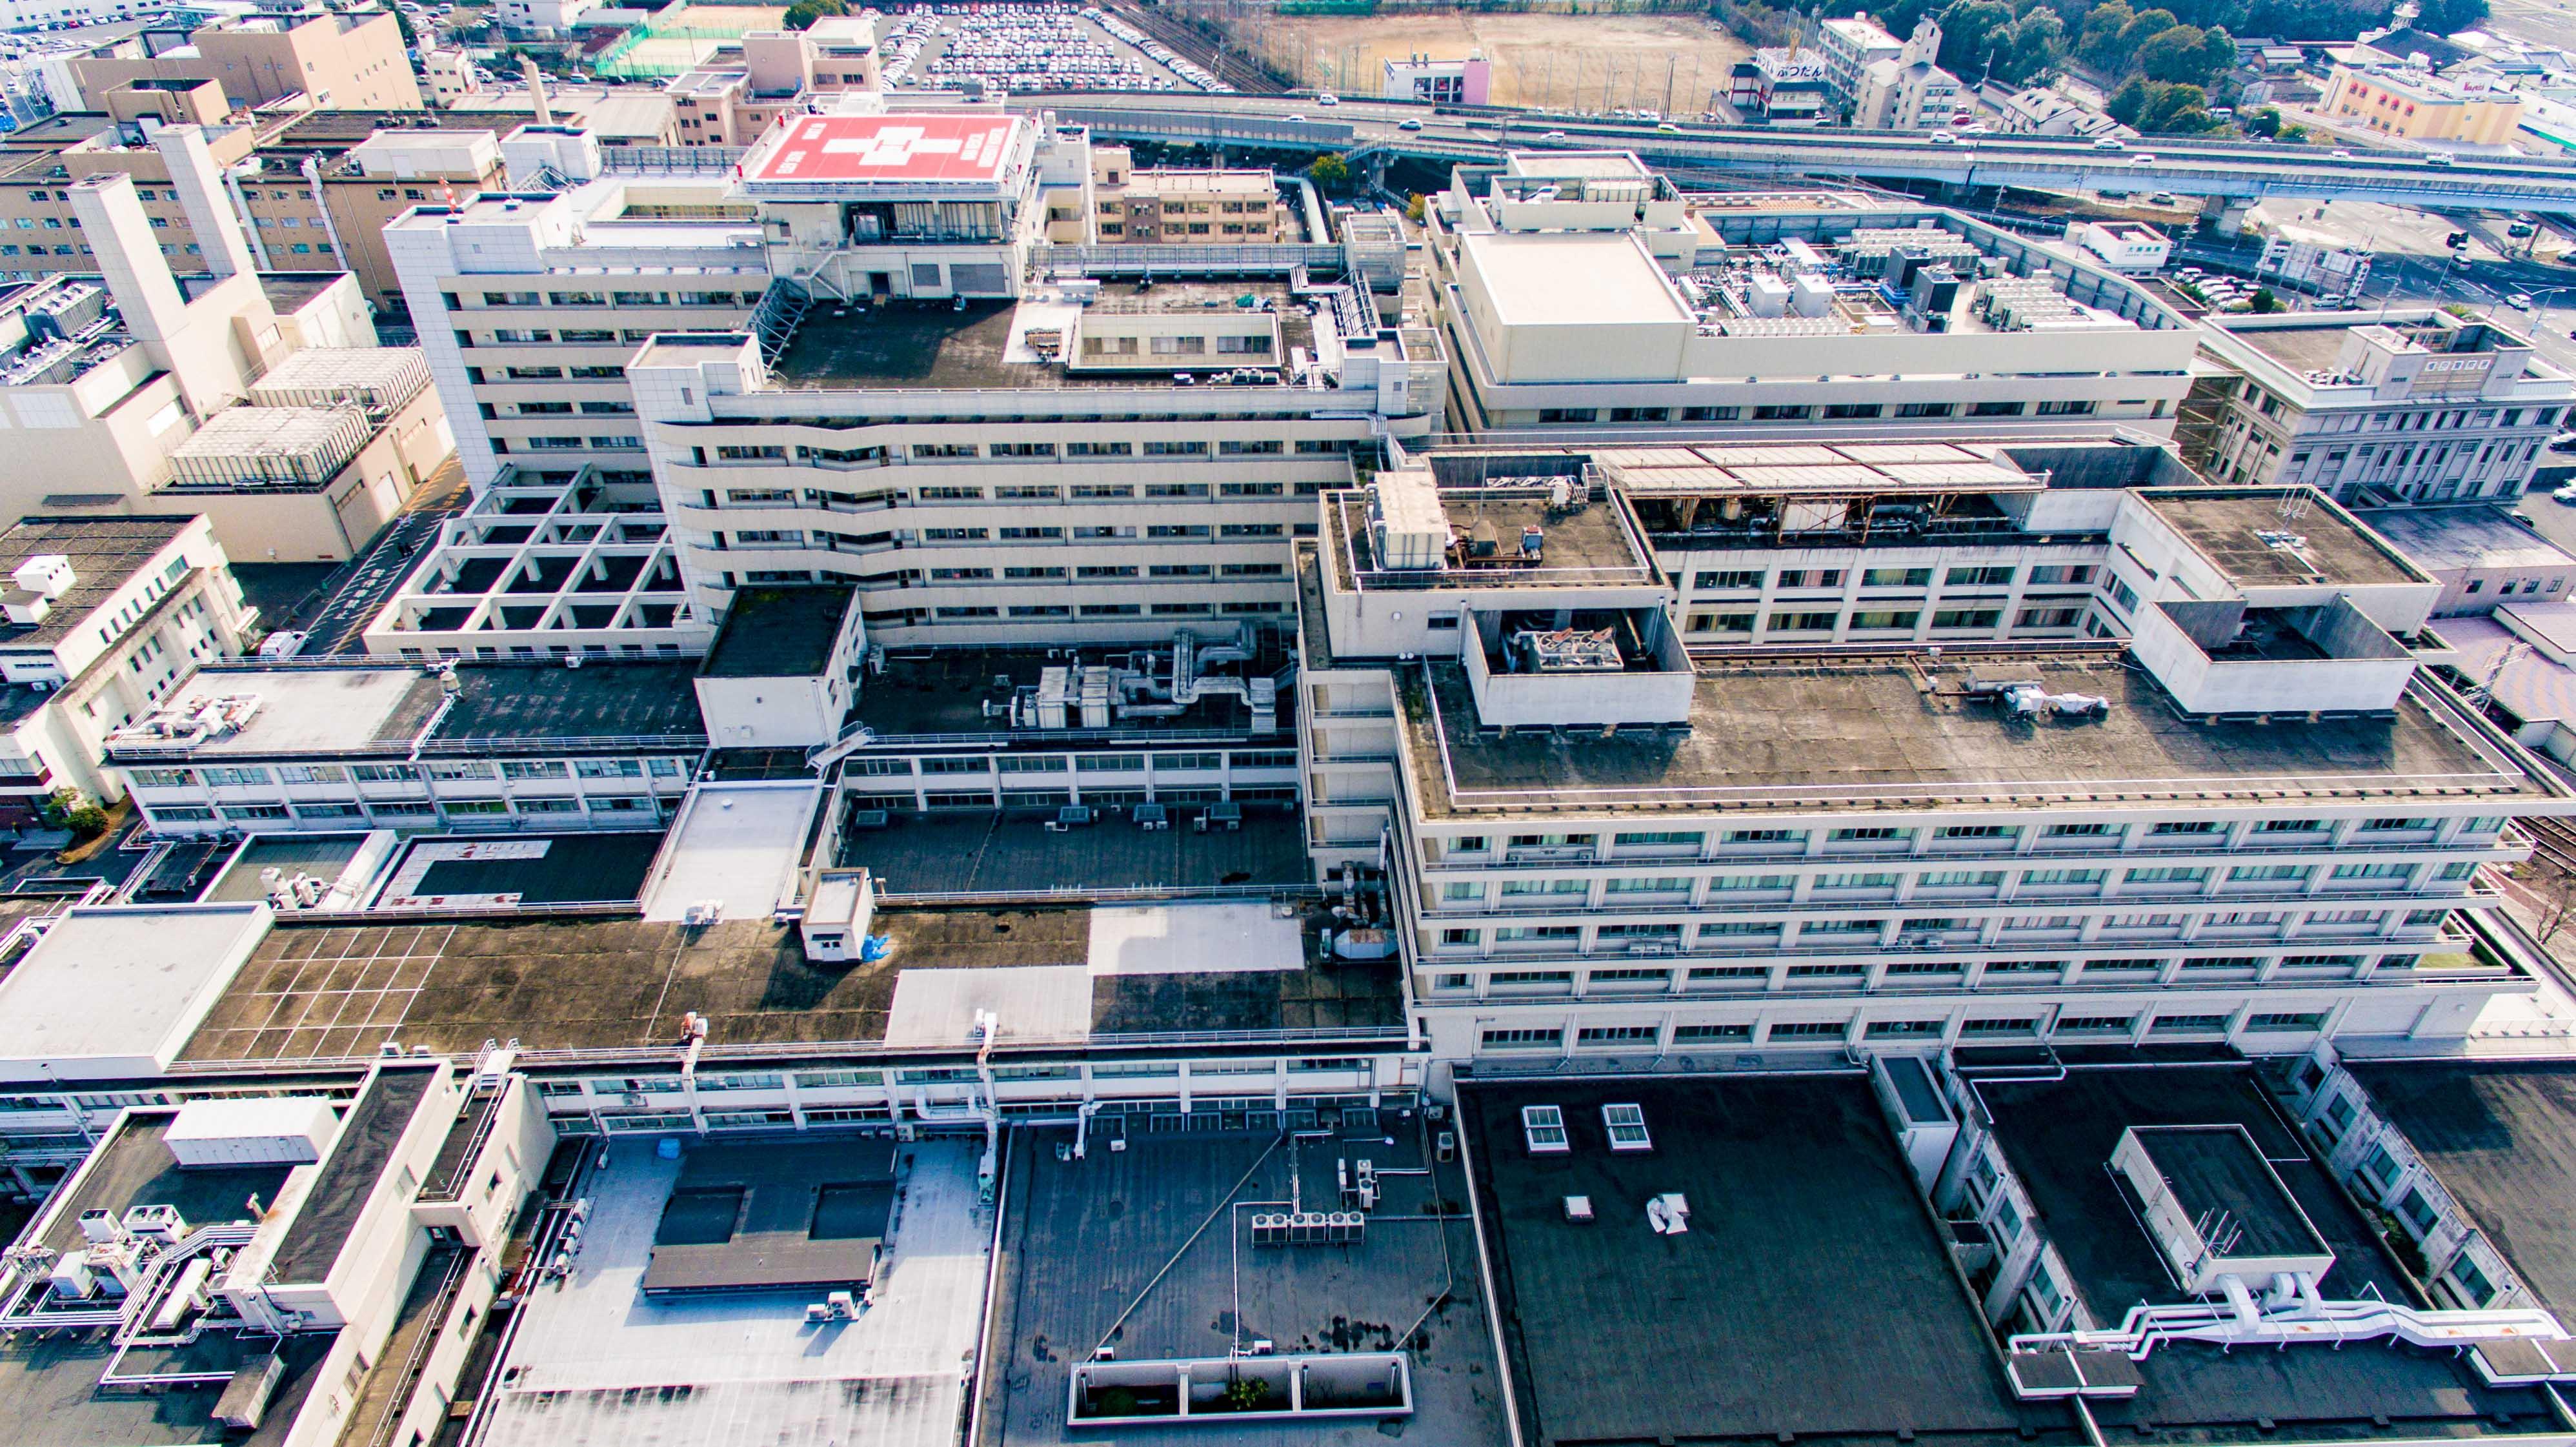 奈良県立医科大学附属病院 - エアロファシリティー株式会社